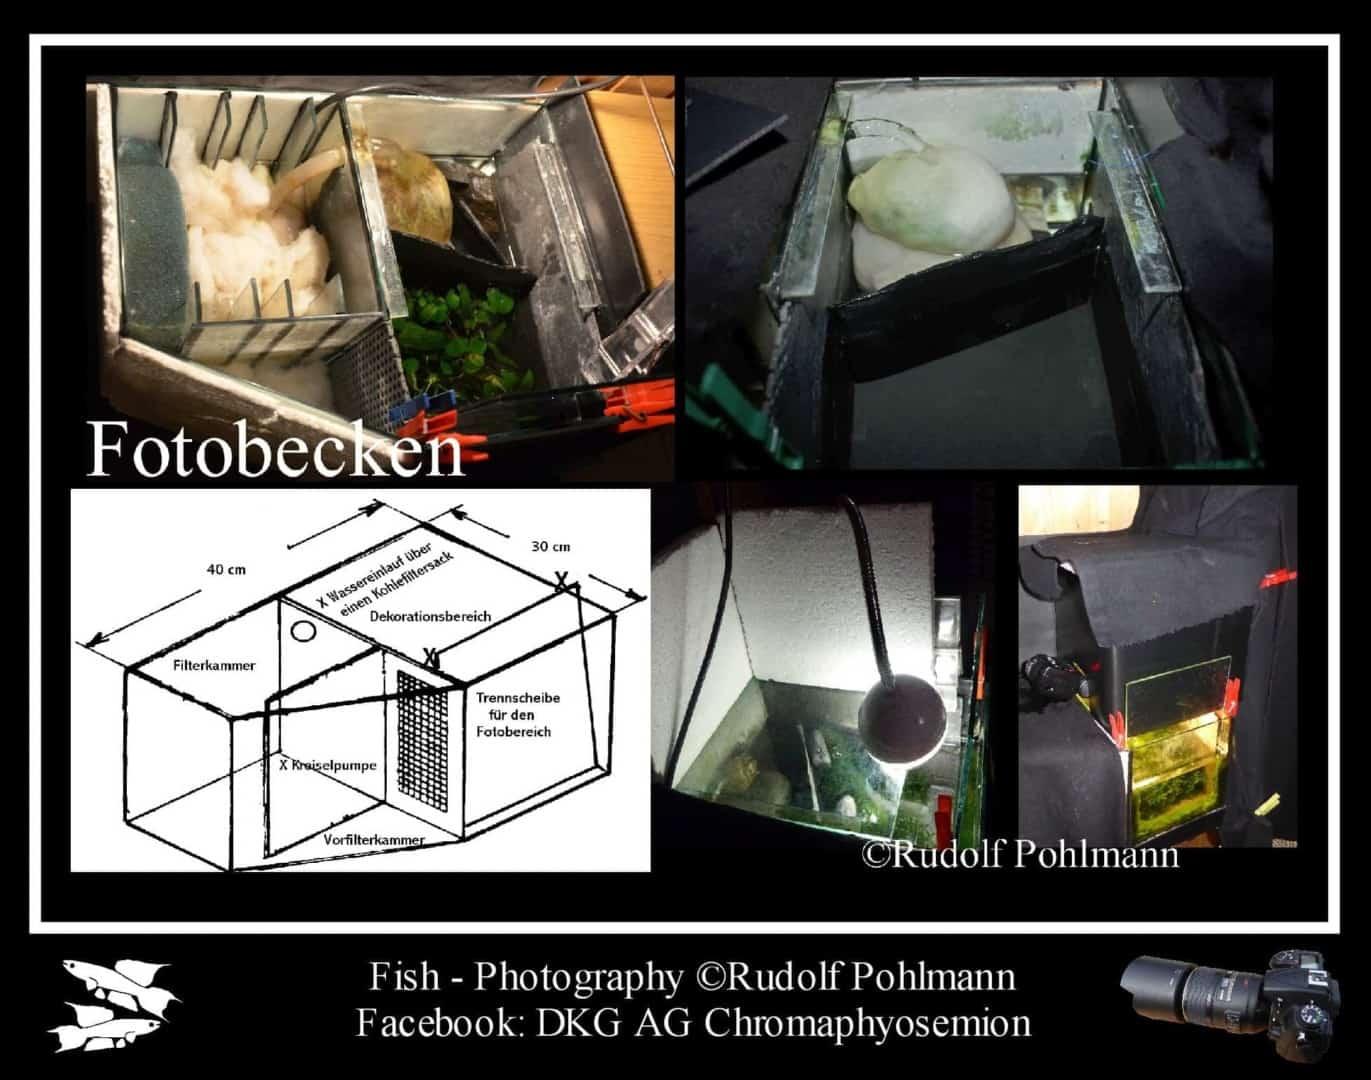 Fotostudio für kleine Fische - Das Fotobecken 1